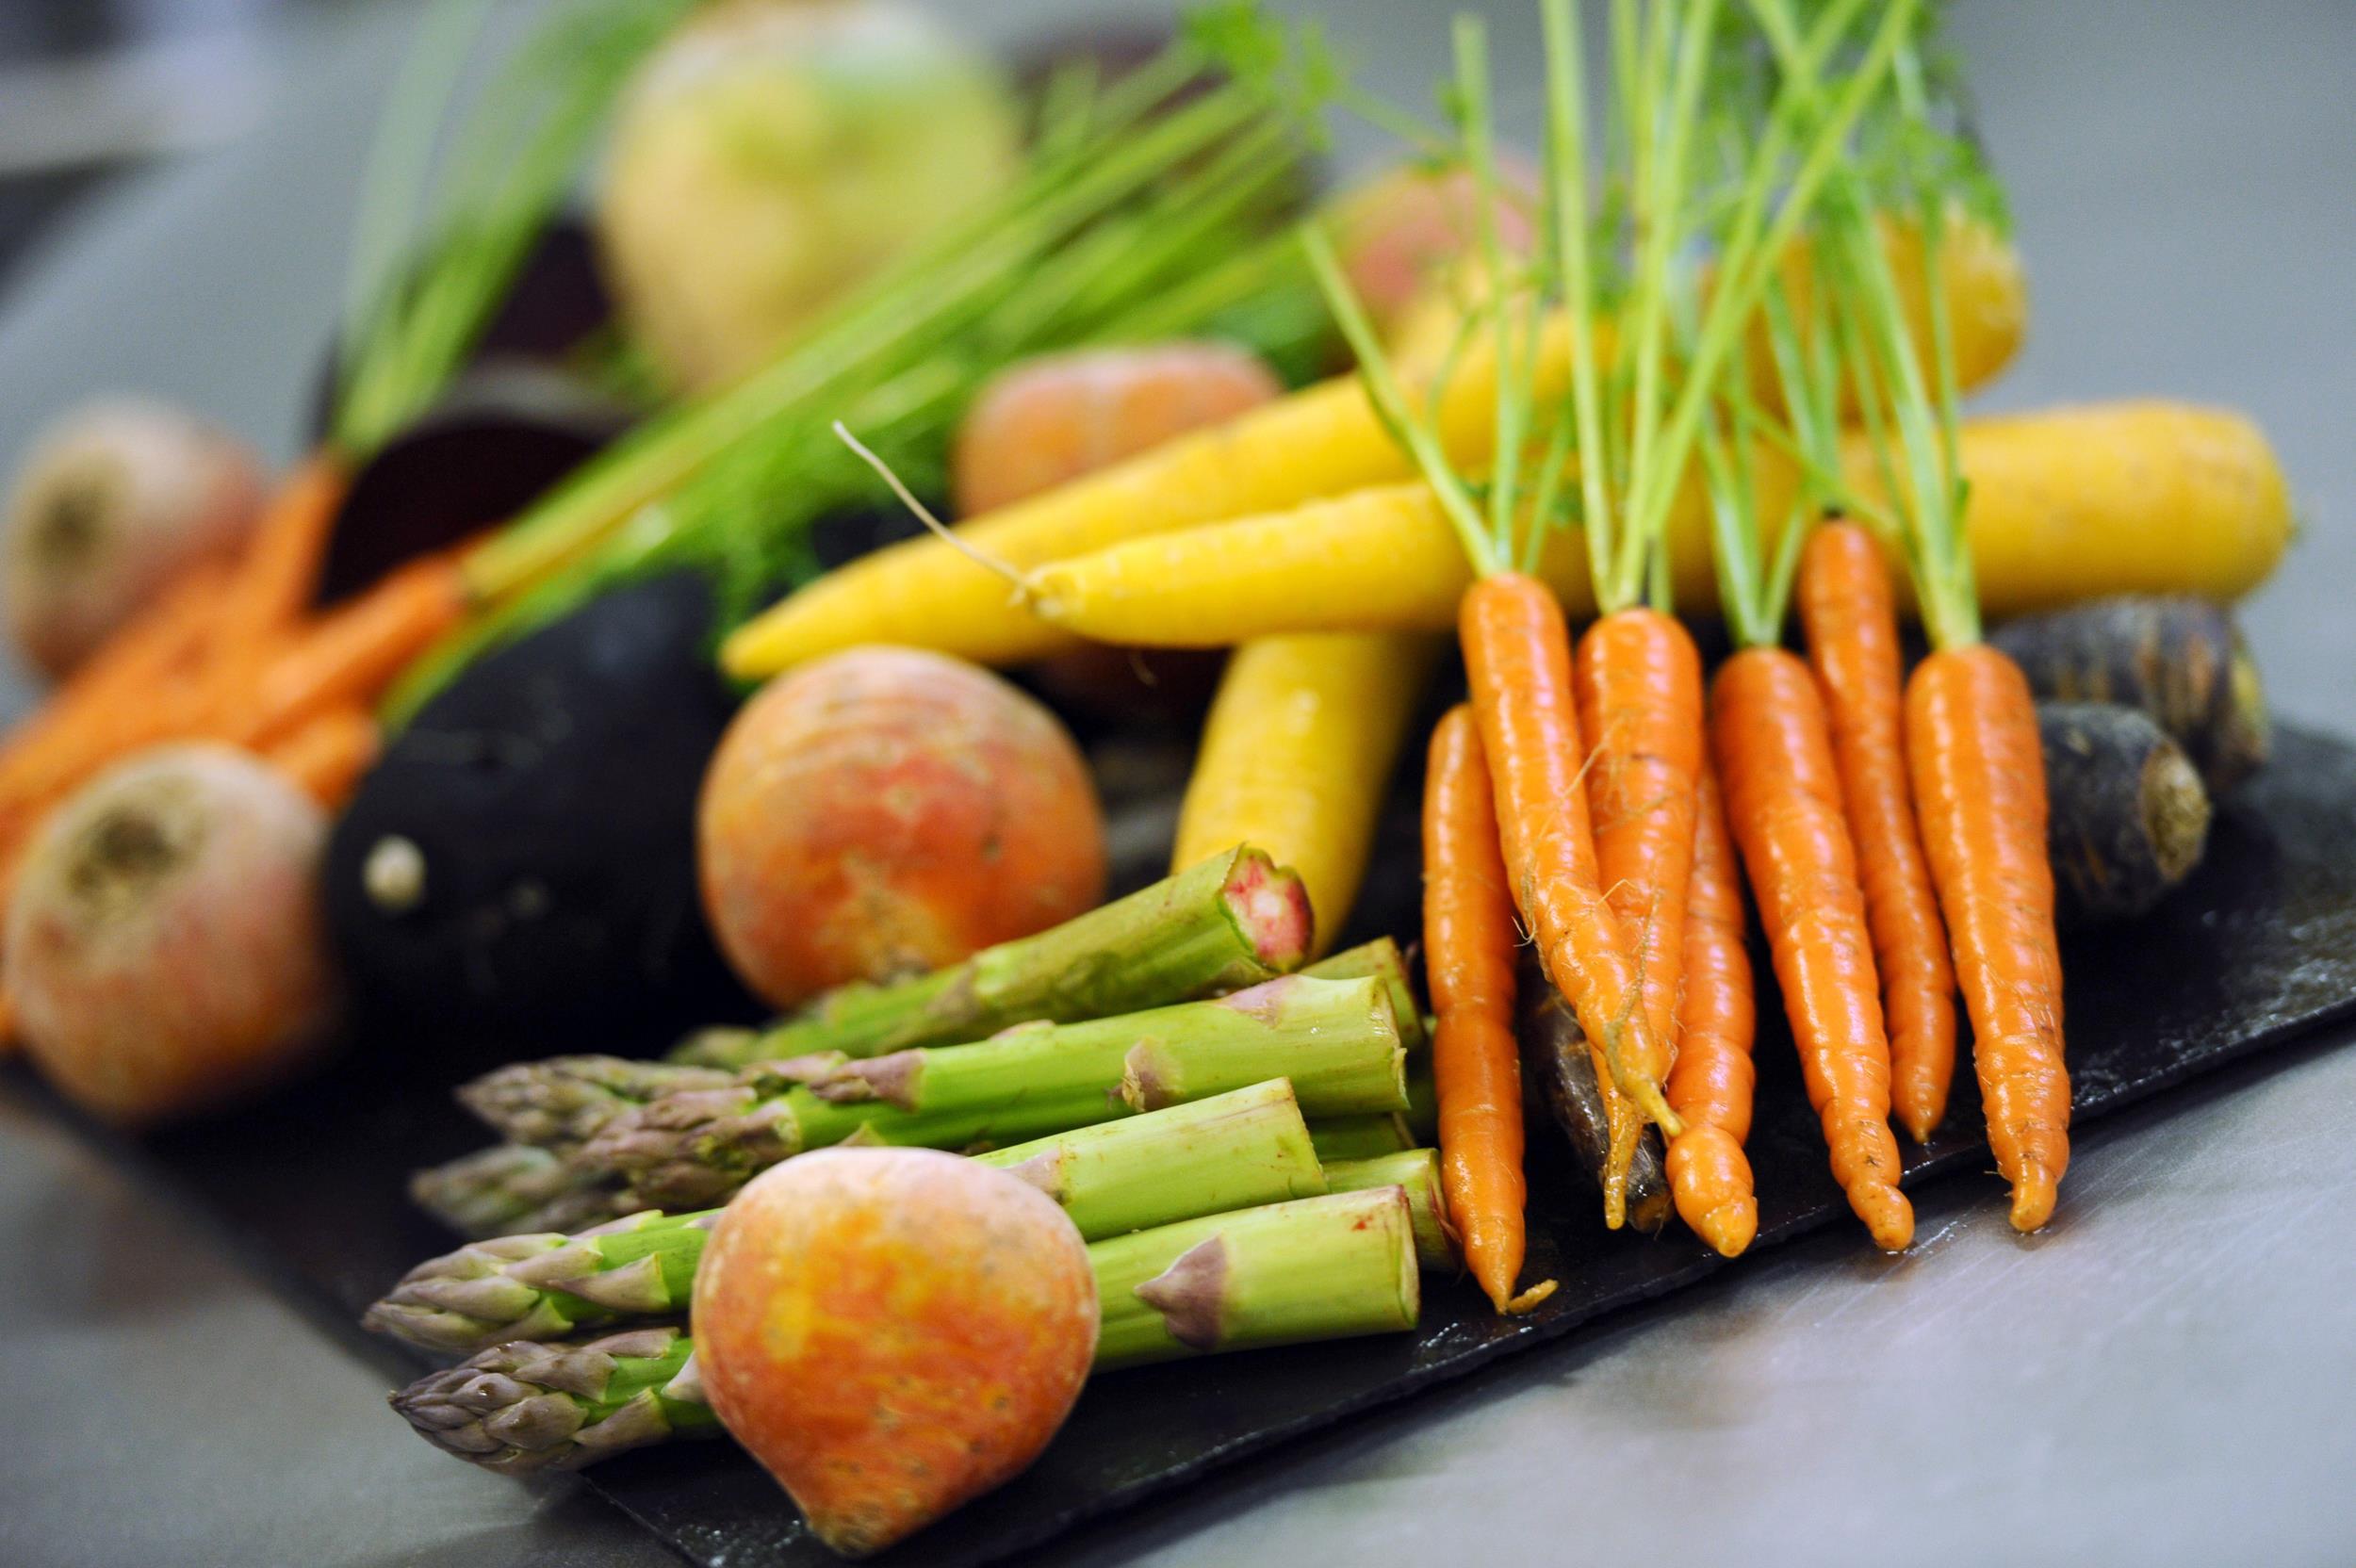 Image: Vegetables